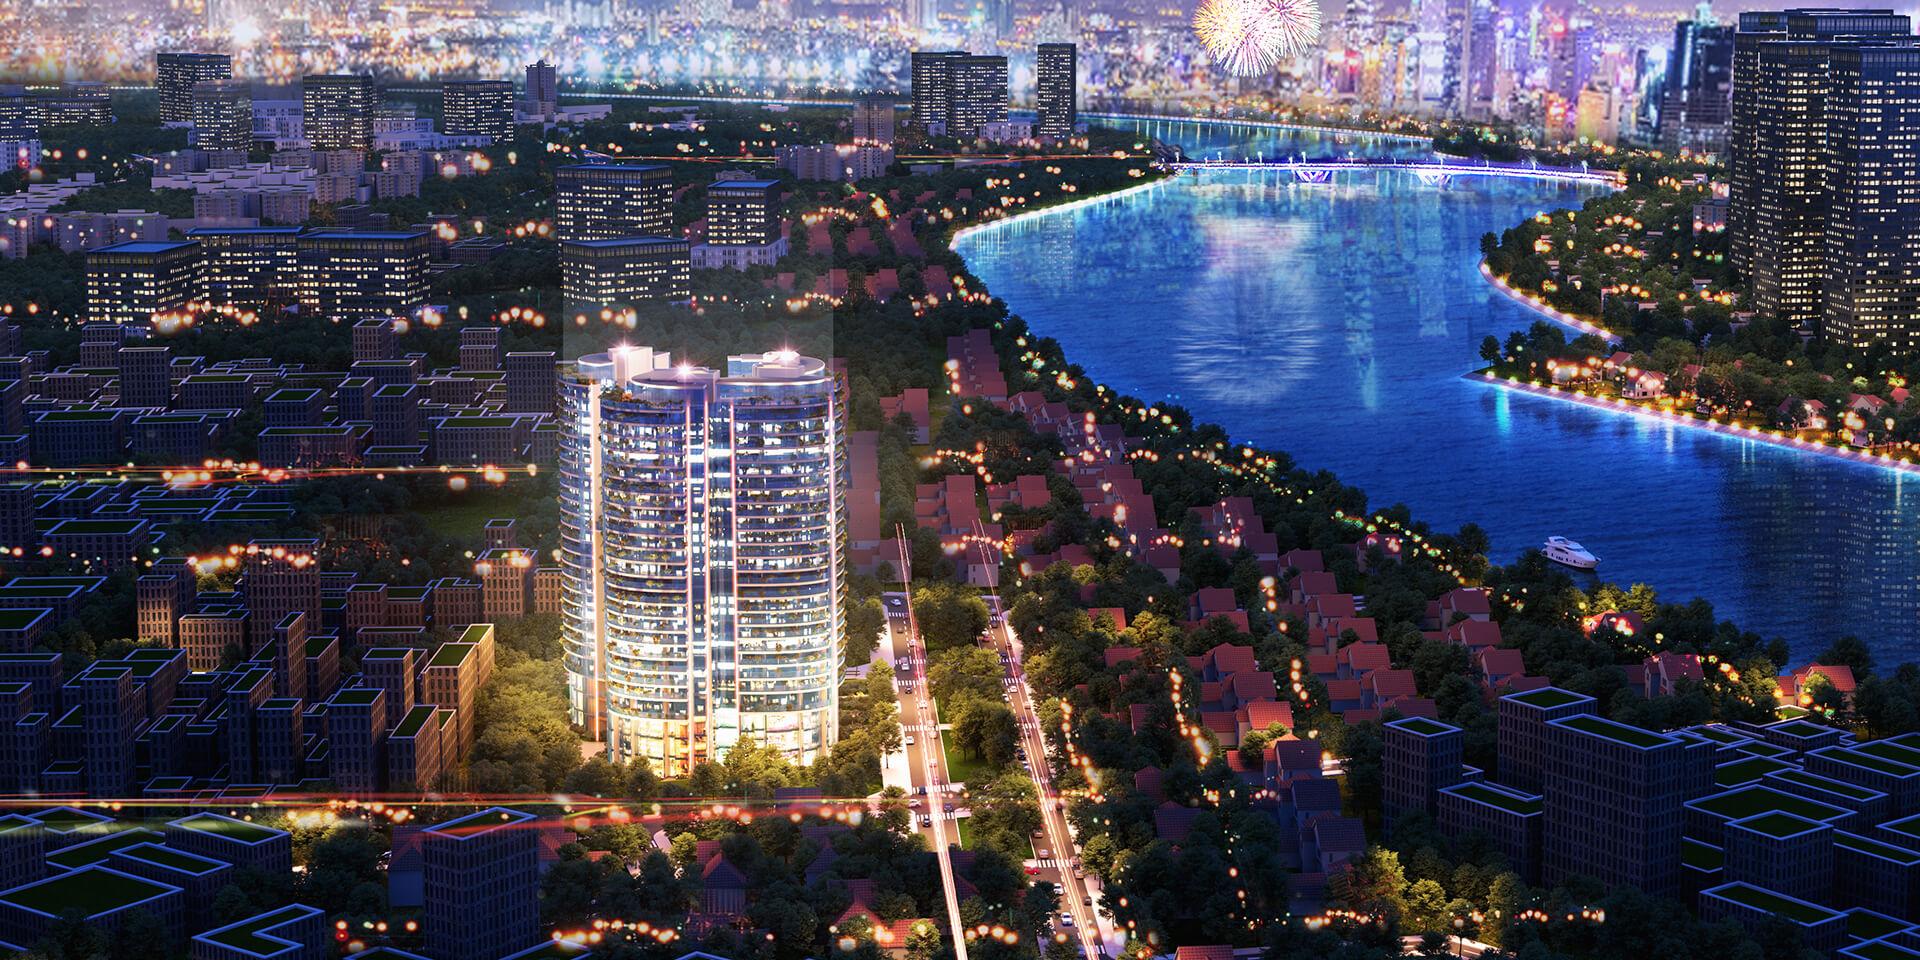 Phối cảnh dự án án căn hộ Sunshine Venicia Quận 2 chủ đầu tư Sunshine Group Thủ Thiêm